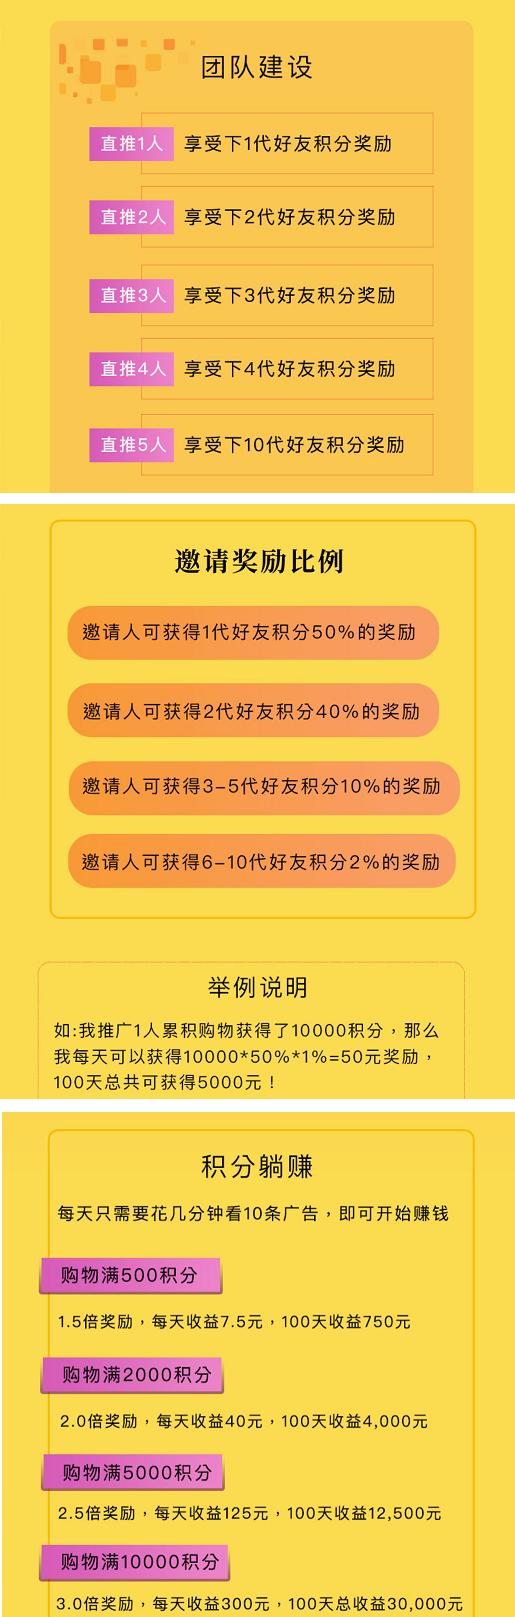 懒赚宝:注册送1台货柜,日收益3.0-20米!1米起提,10代收益